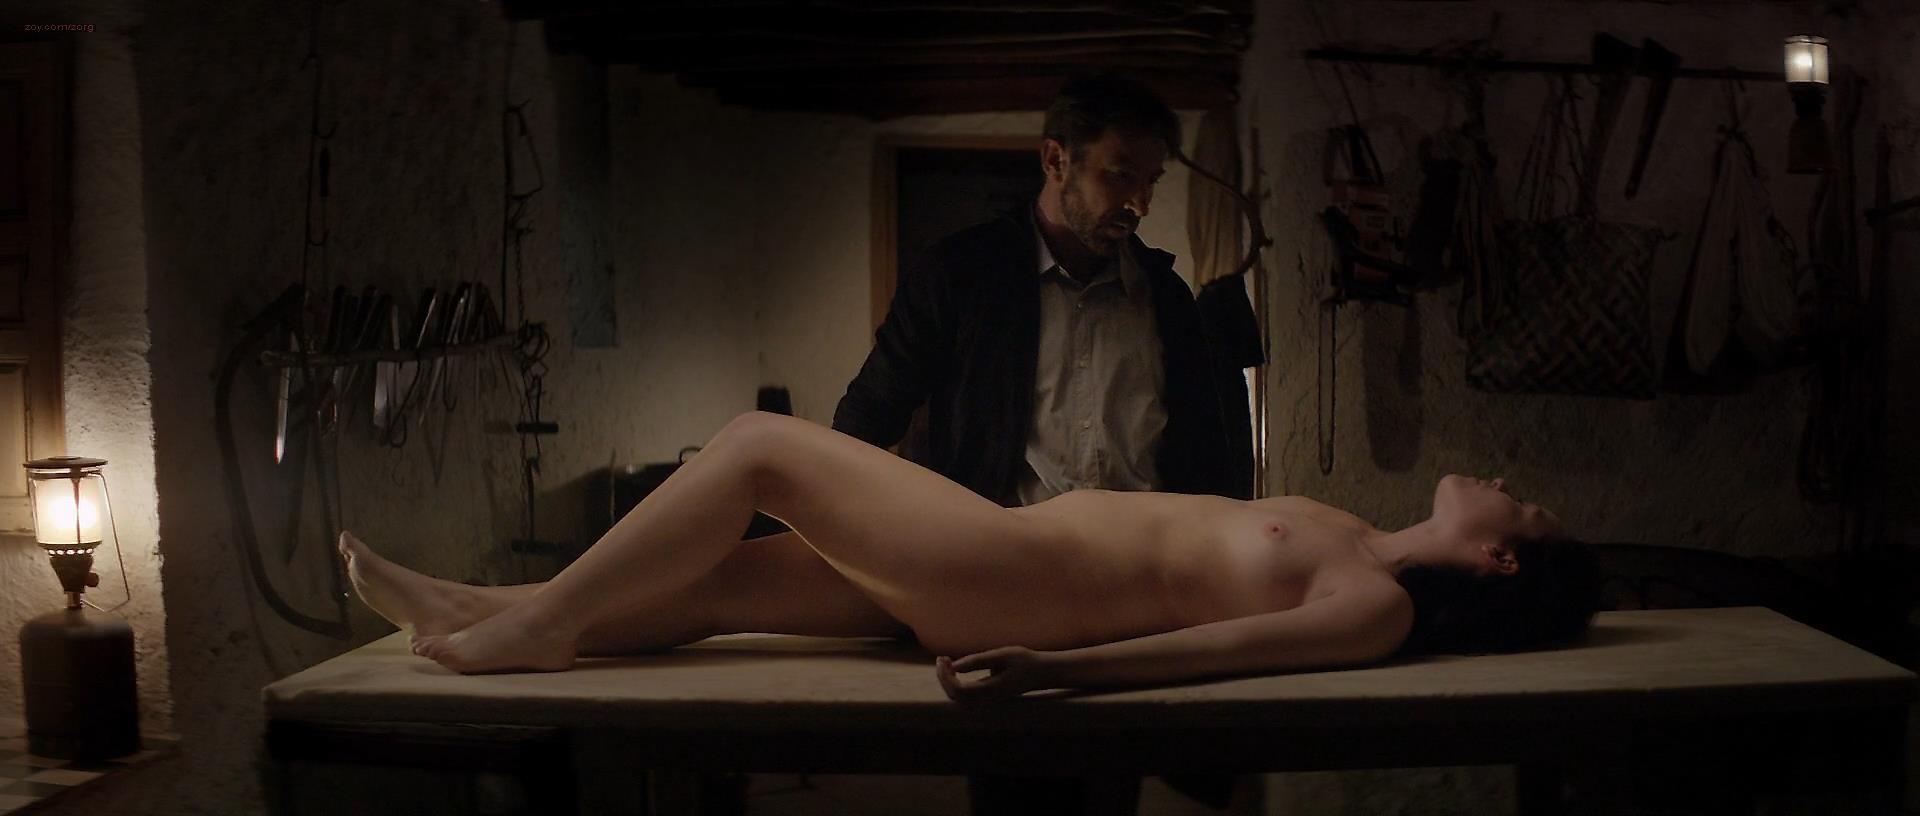 нью-хемпшире, смотреть эротику мясник интимной жизни